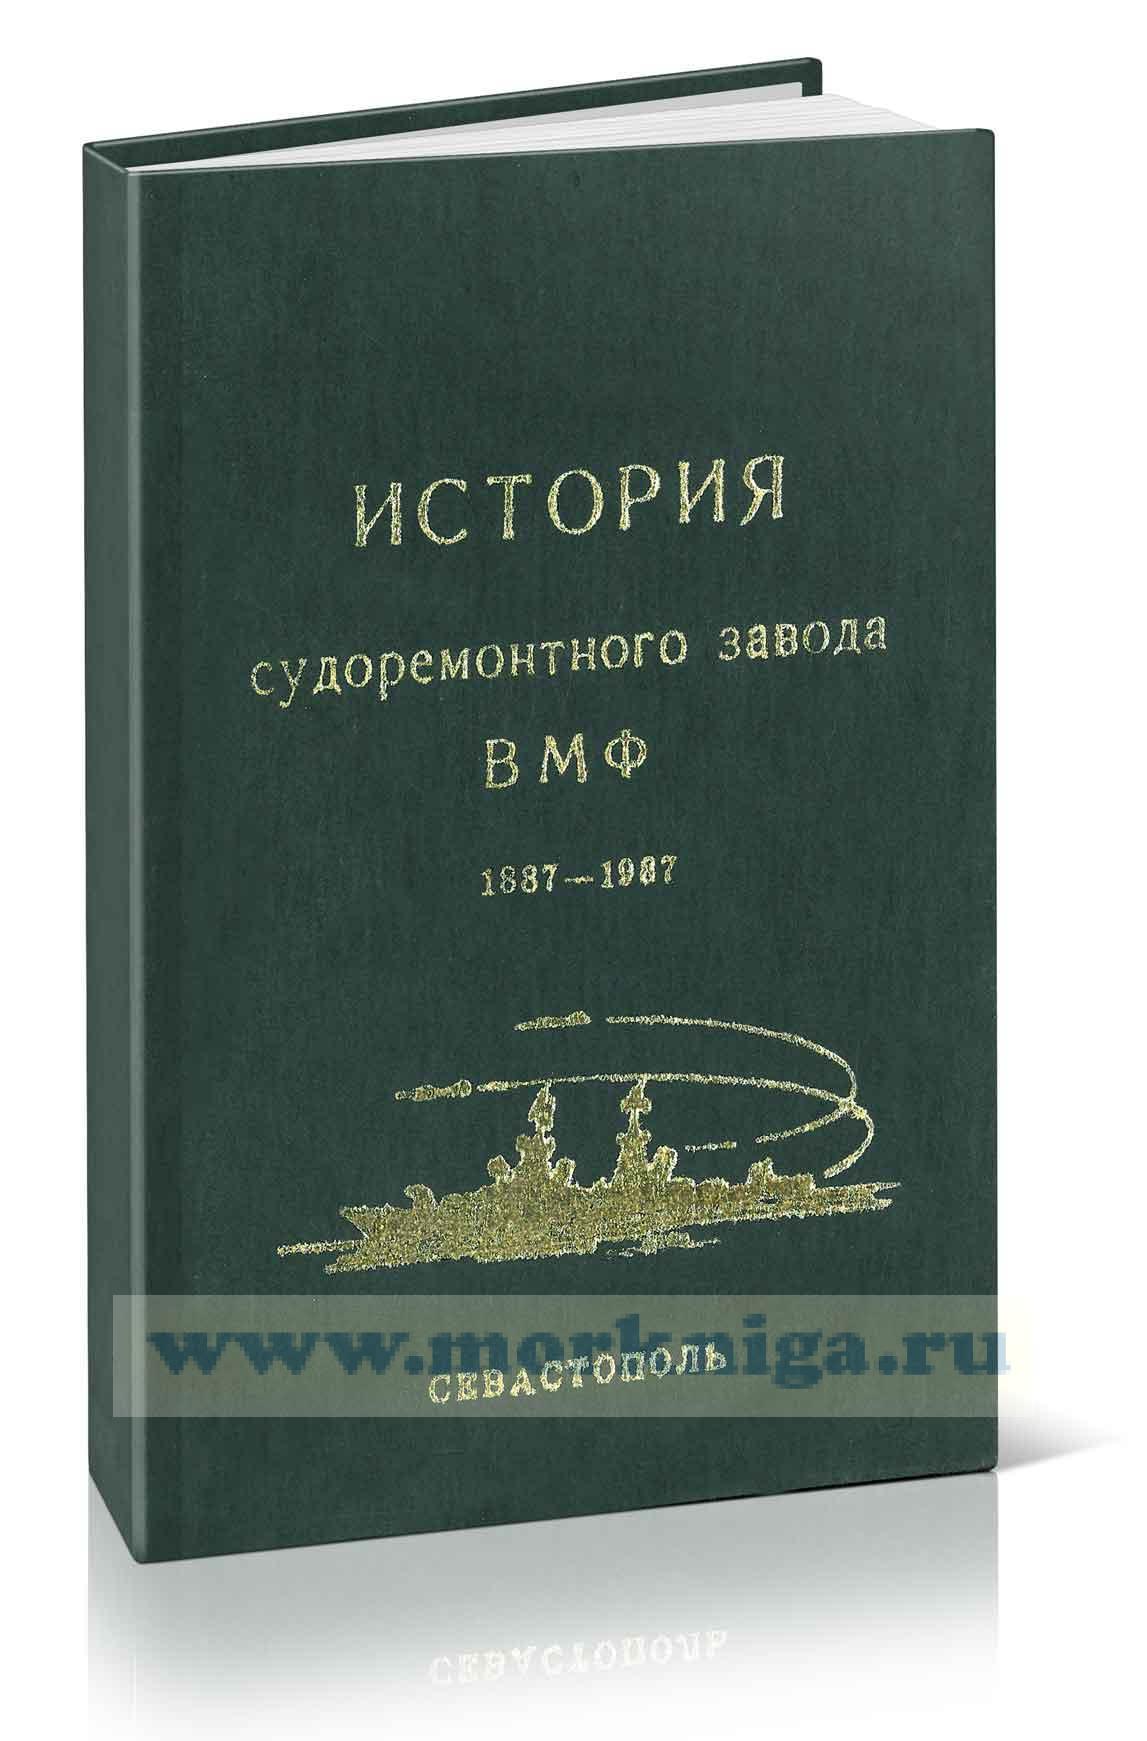 История судоремонтного завода Военно-Морского Флота